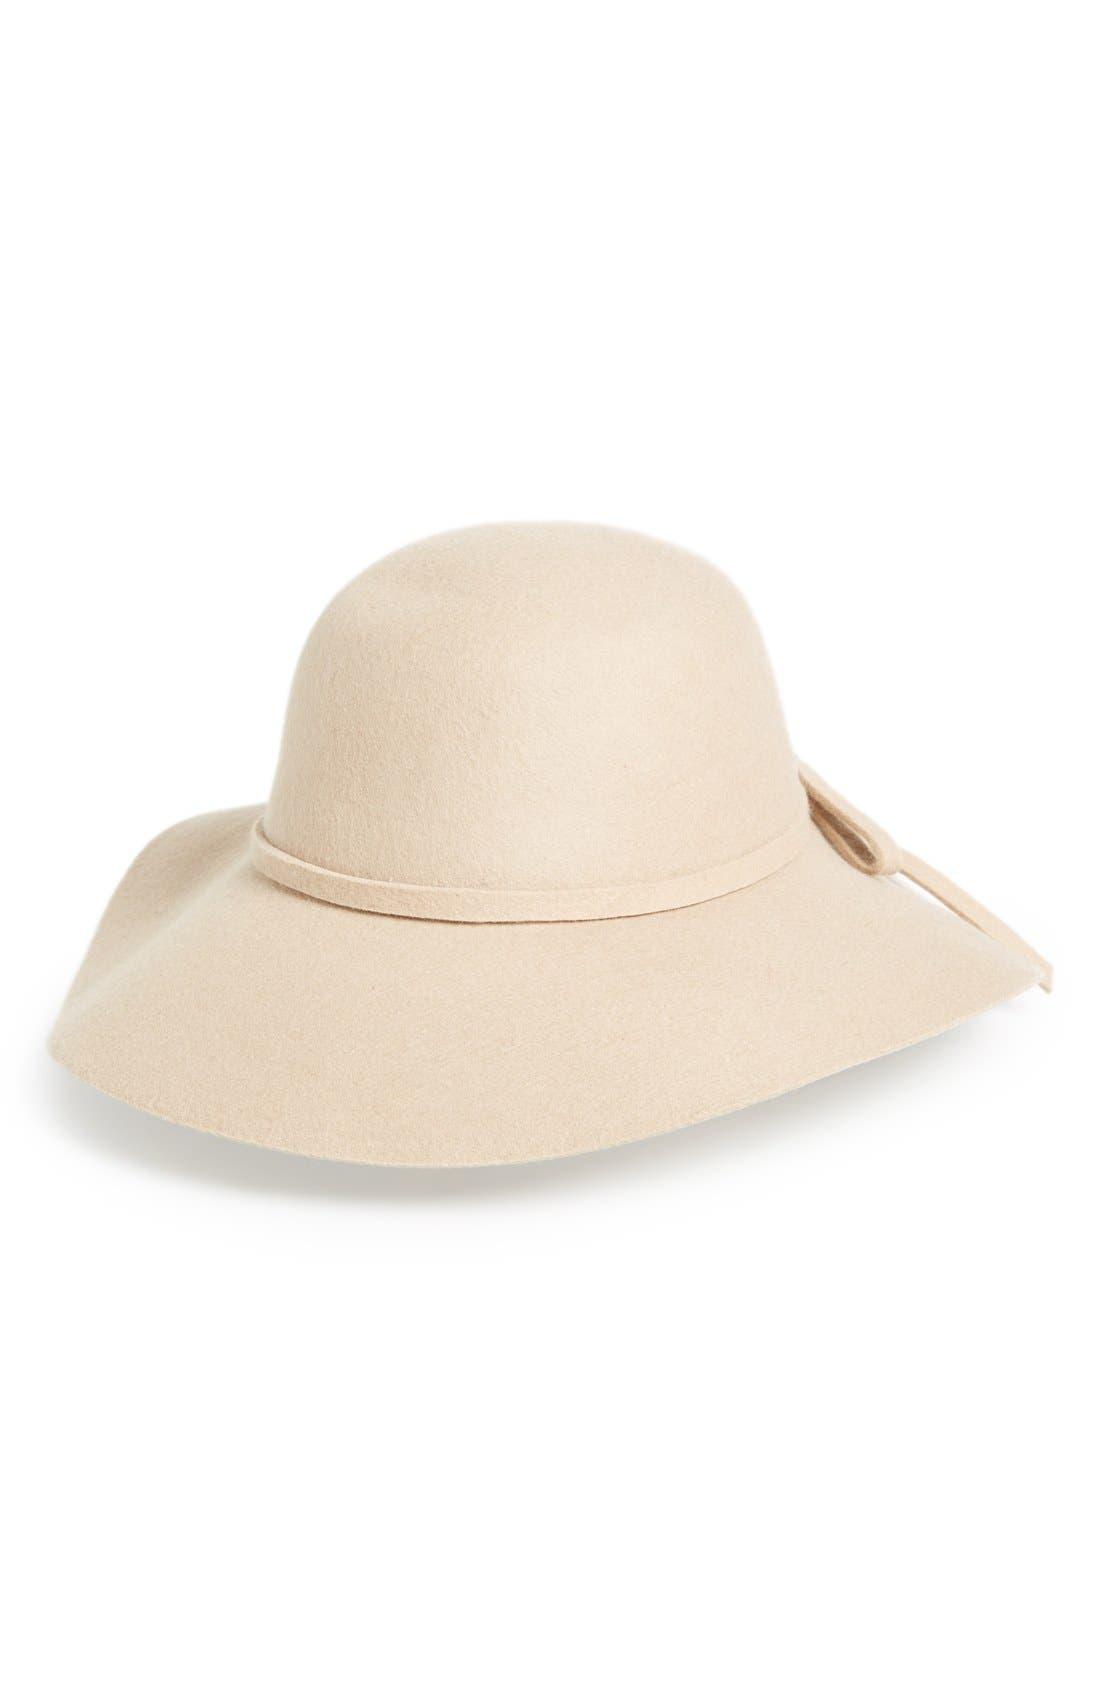 Alternate Image 1 Selected - Emanuel GeraldoWool Felt Floppy Hat